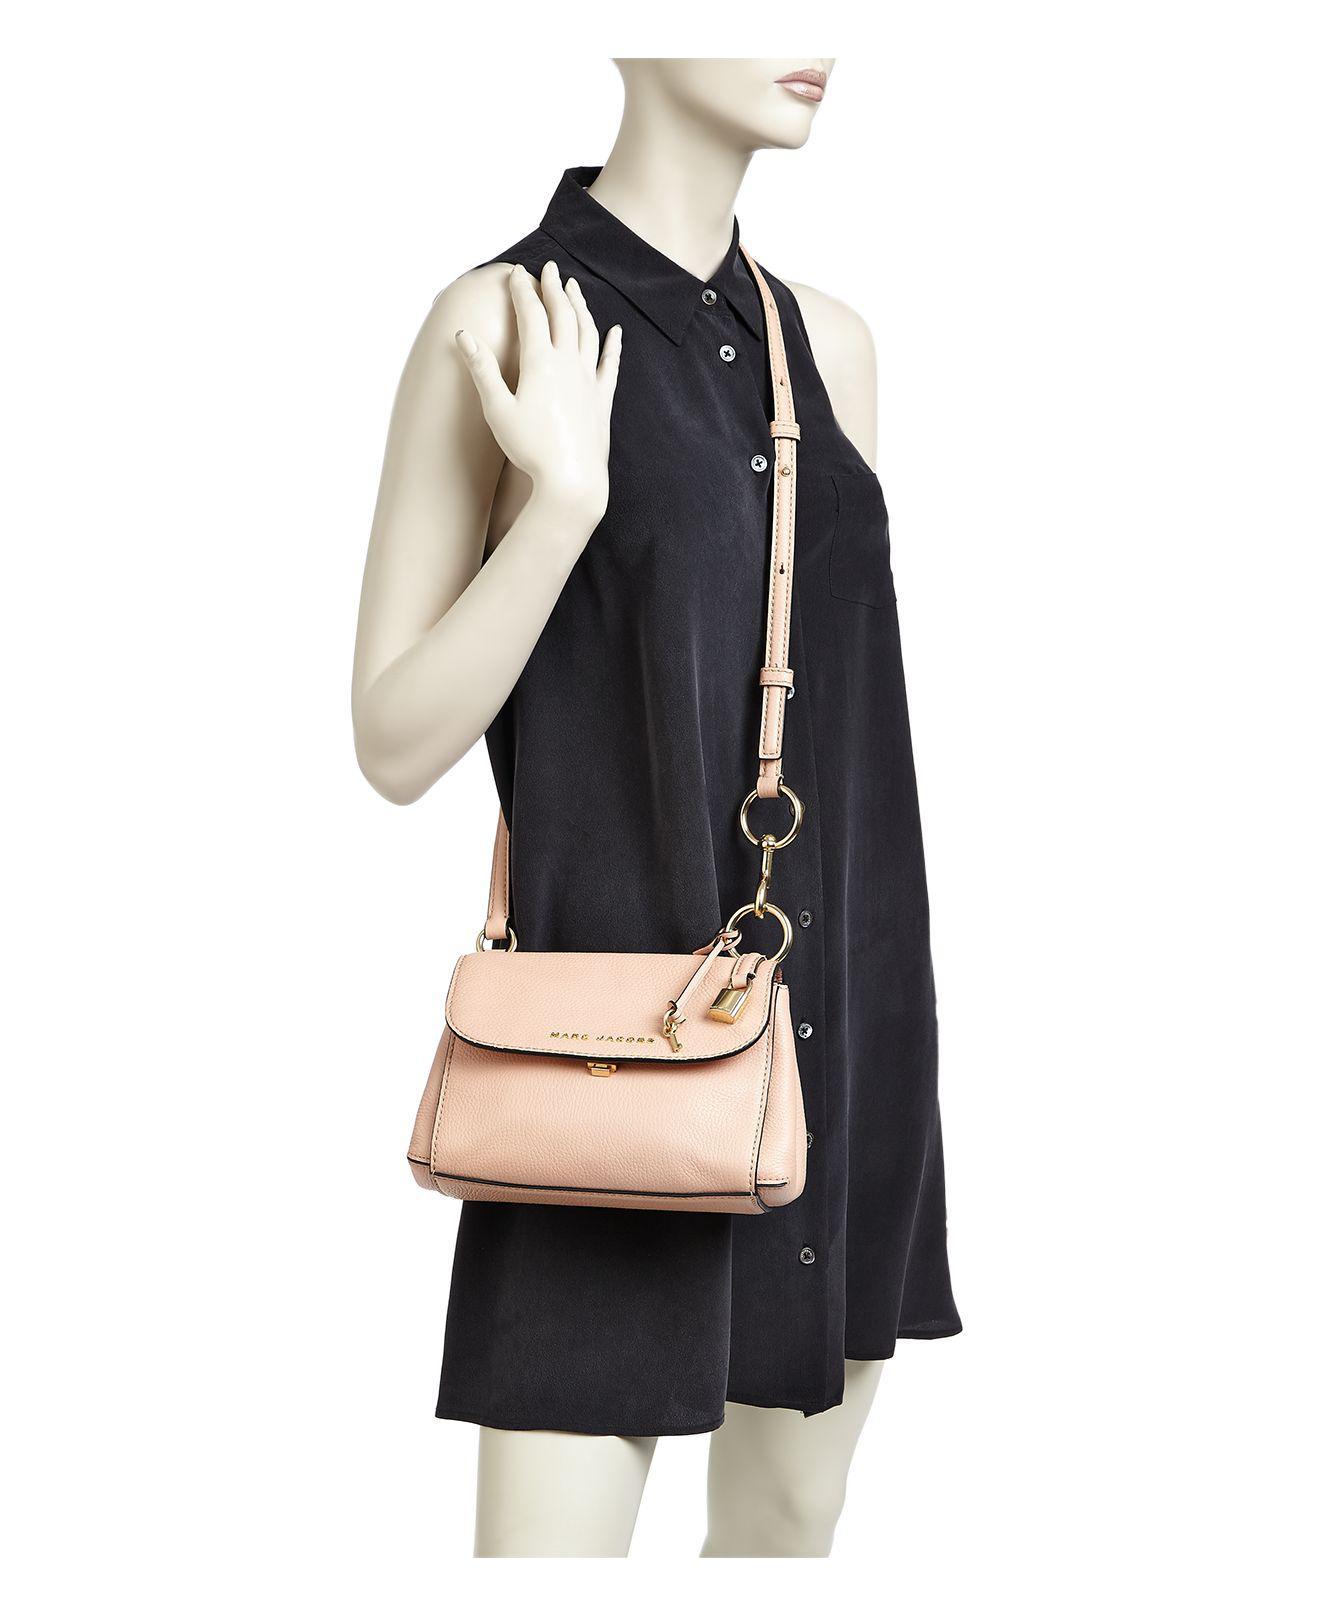 ff54b19f012fa Lyst - Marc Jacobs Mini Boho Grind Leather Crossbody